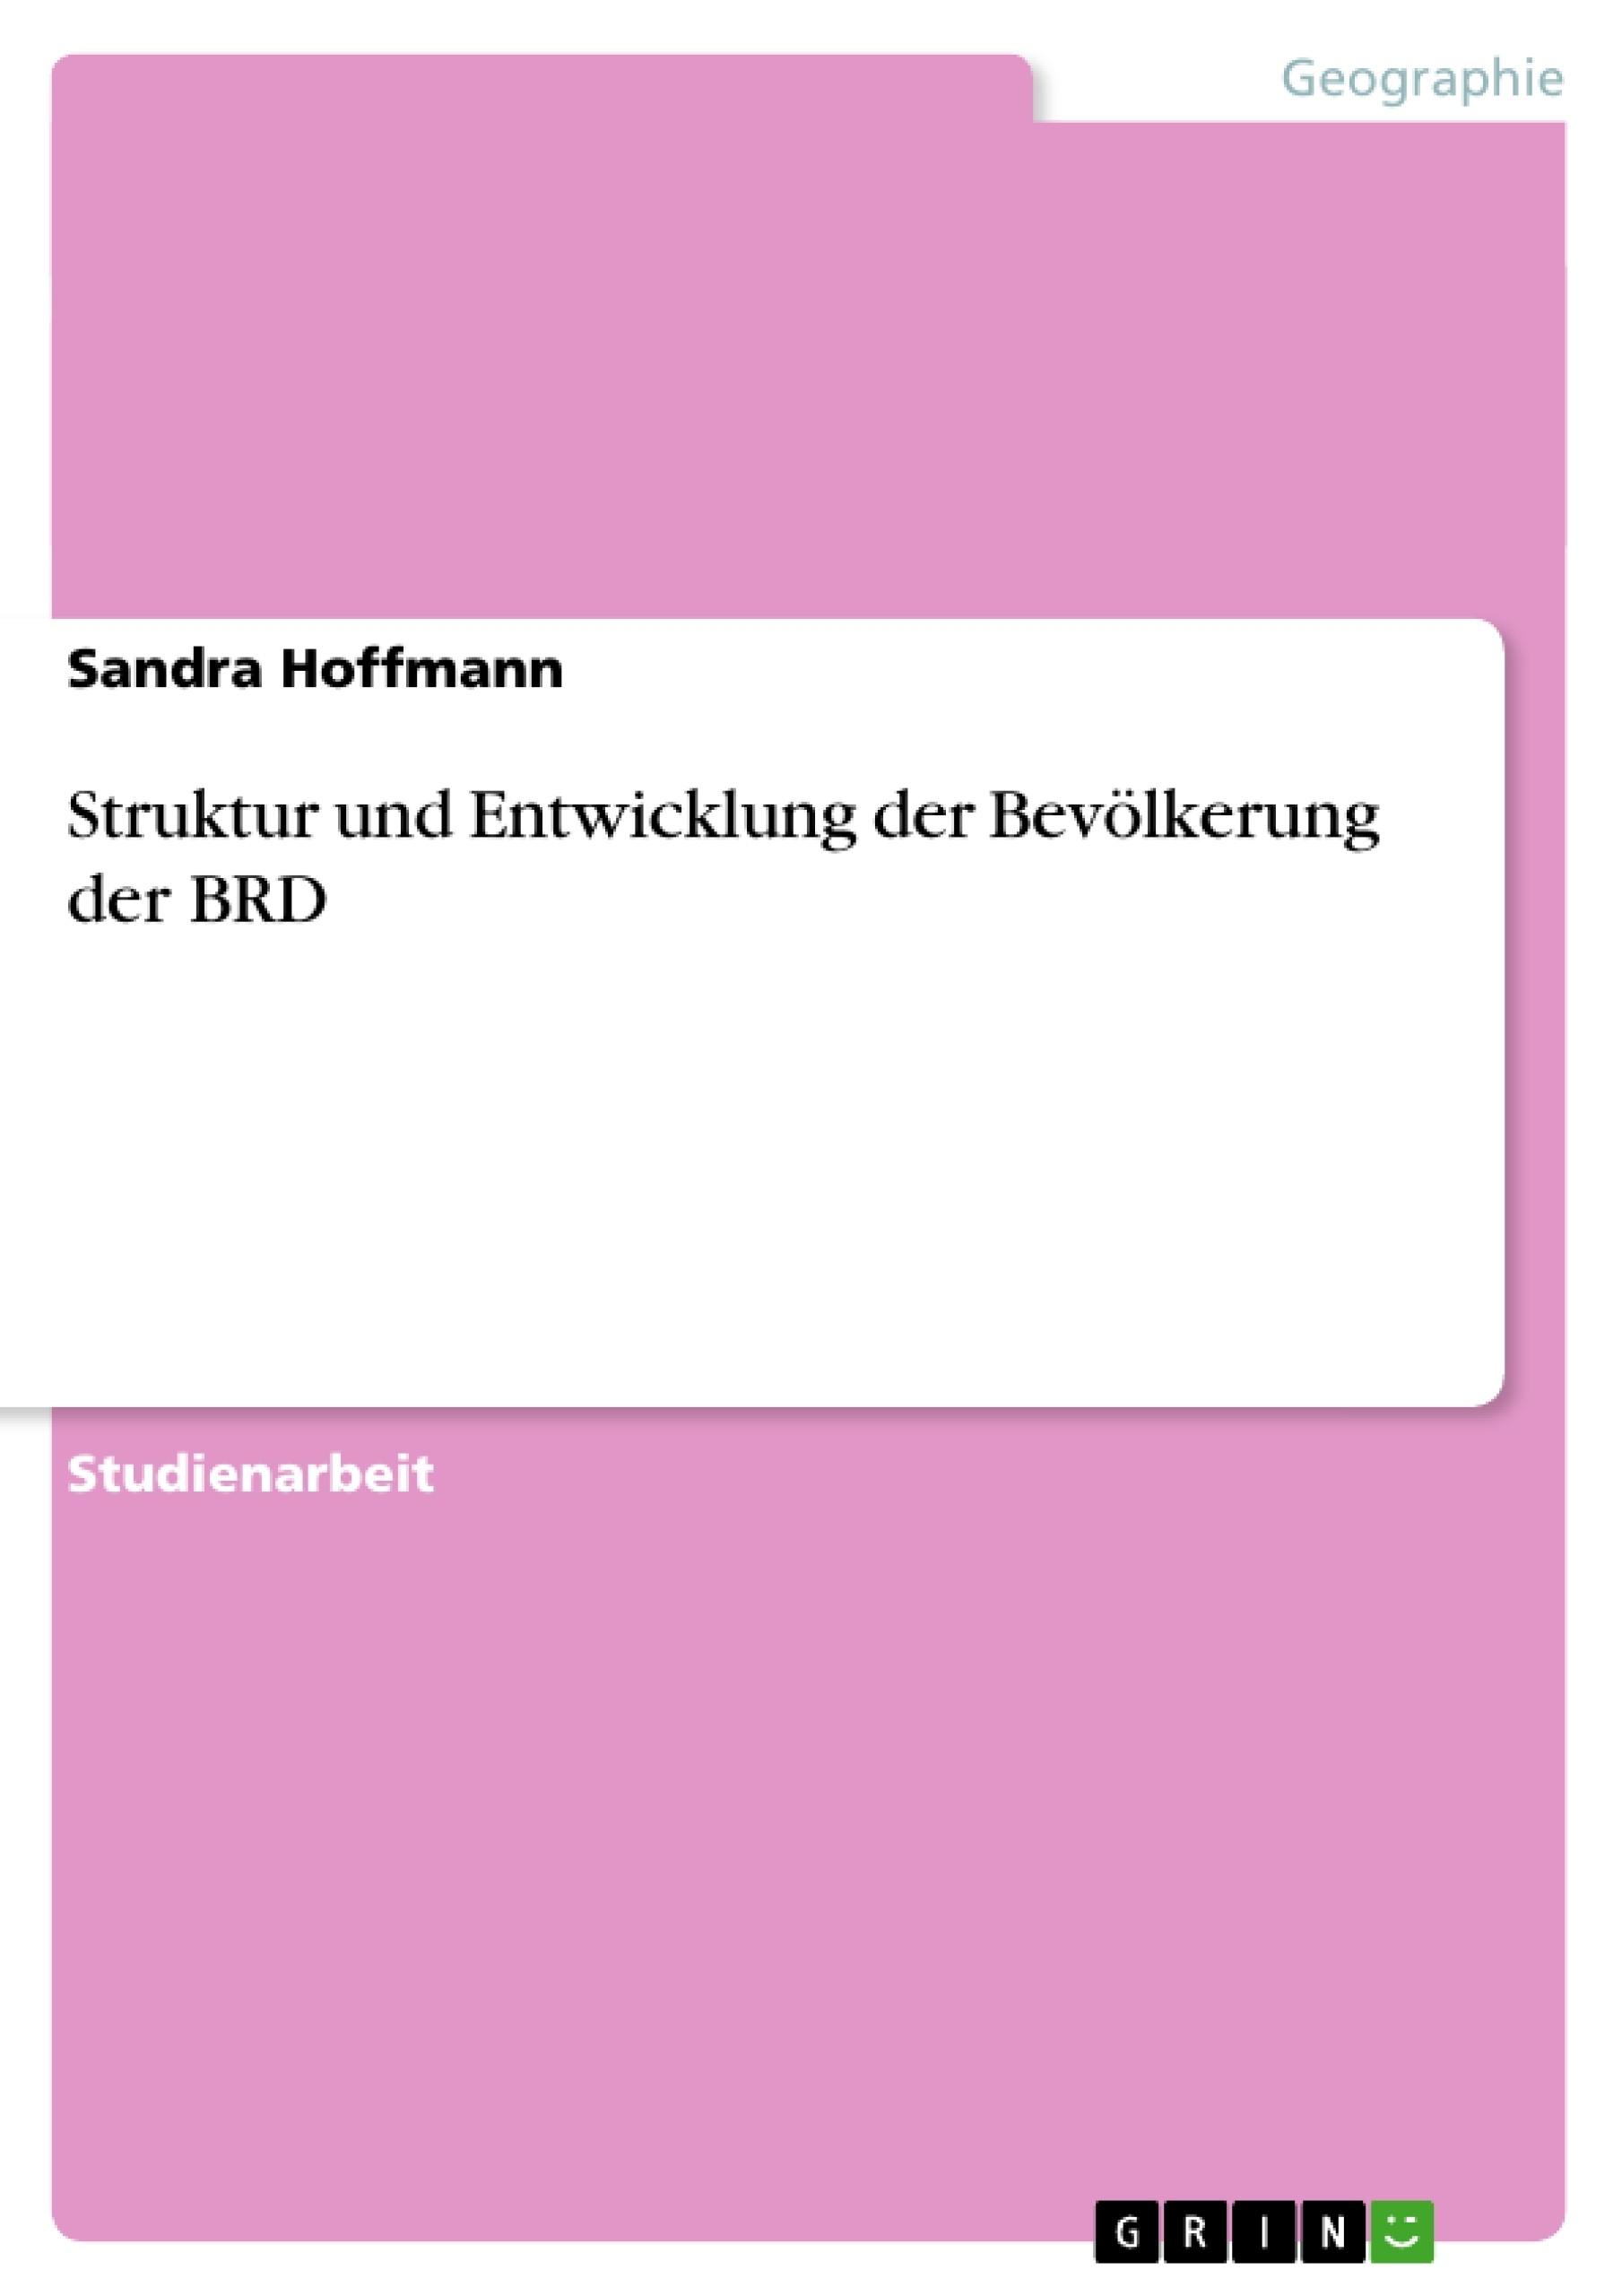 Titel: Struktur und Entwicklung der Bevölkerung der BRD